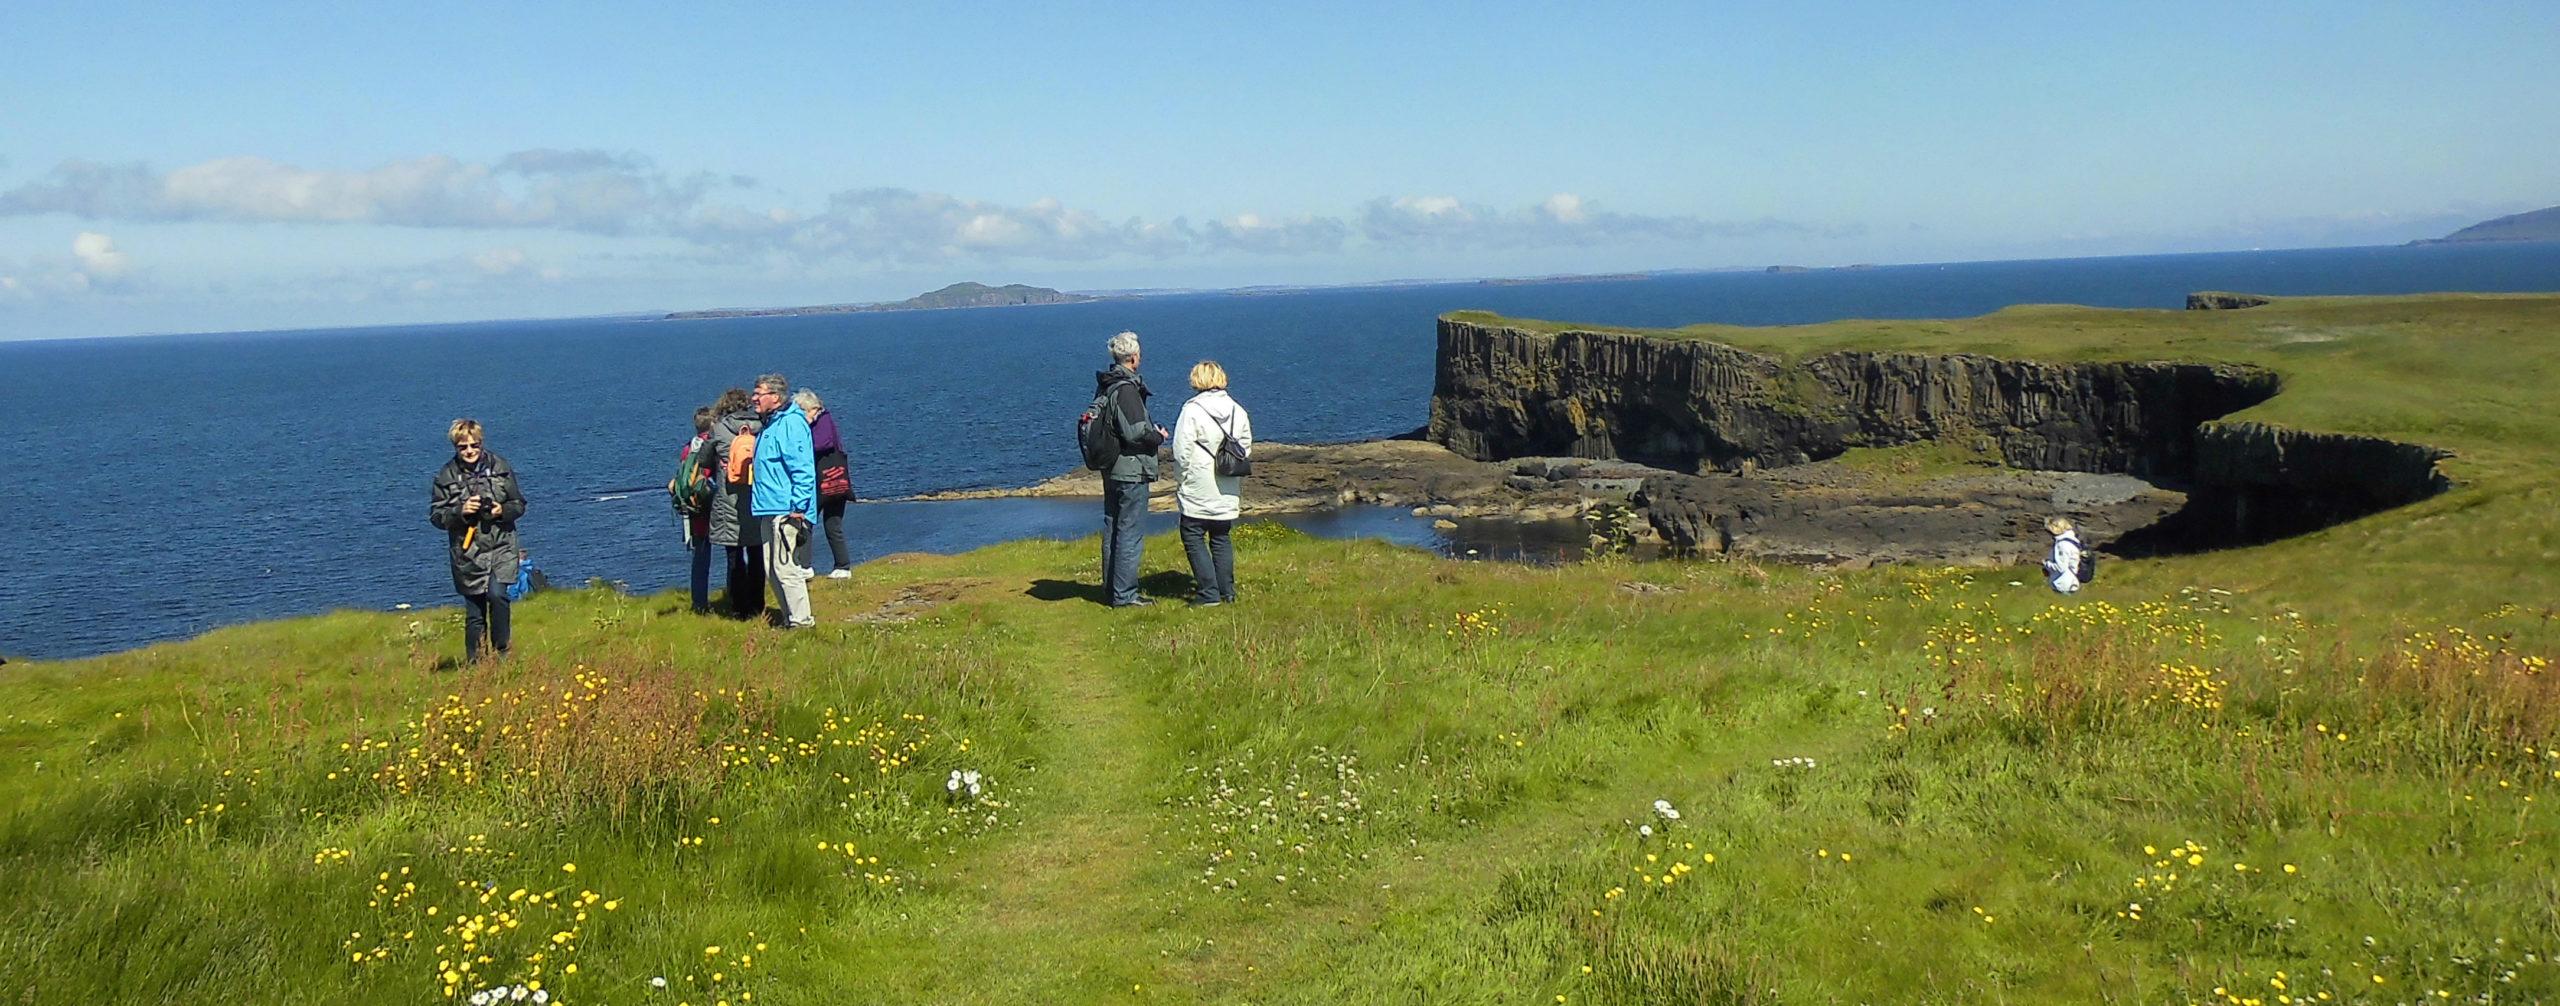 Fotostopp an der Küste Schottlands 2